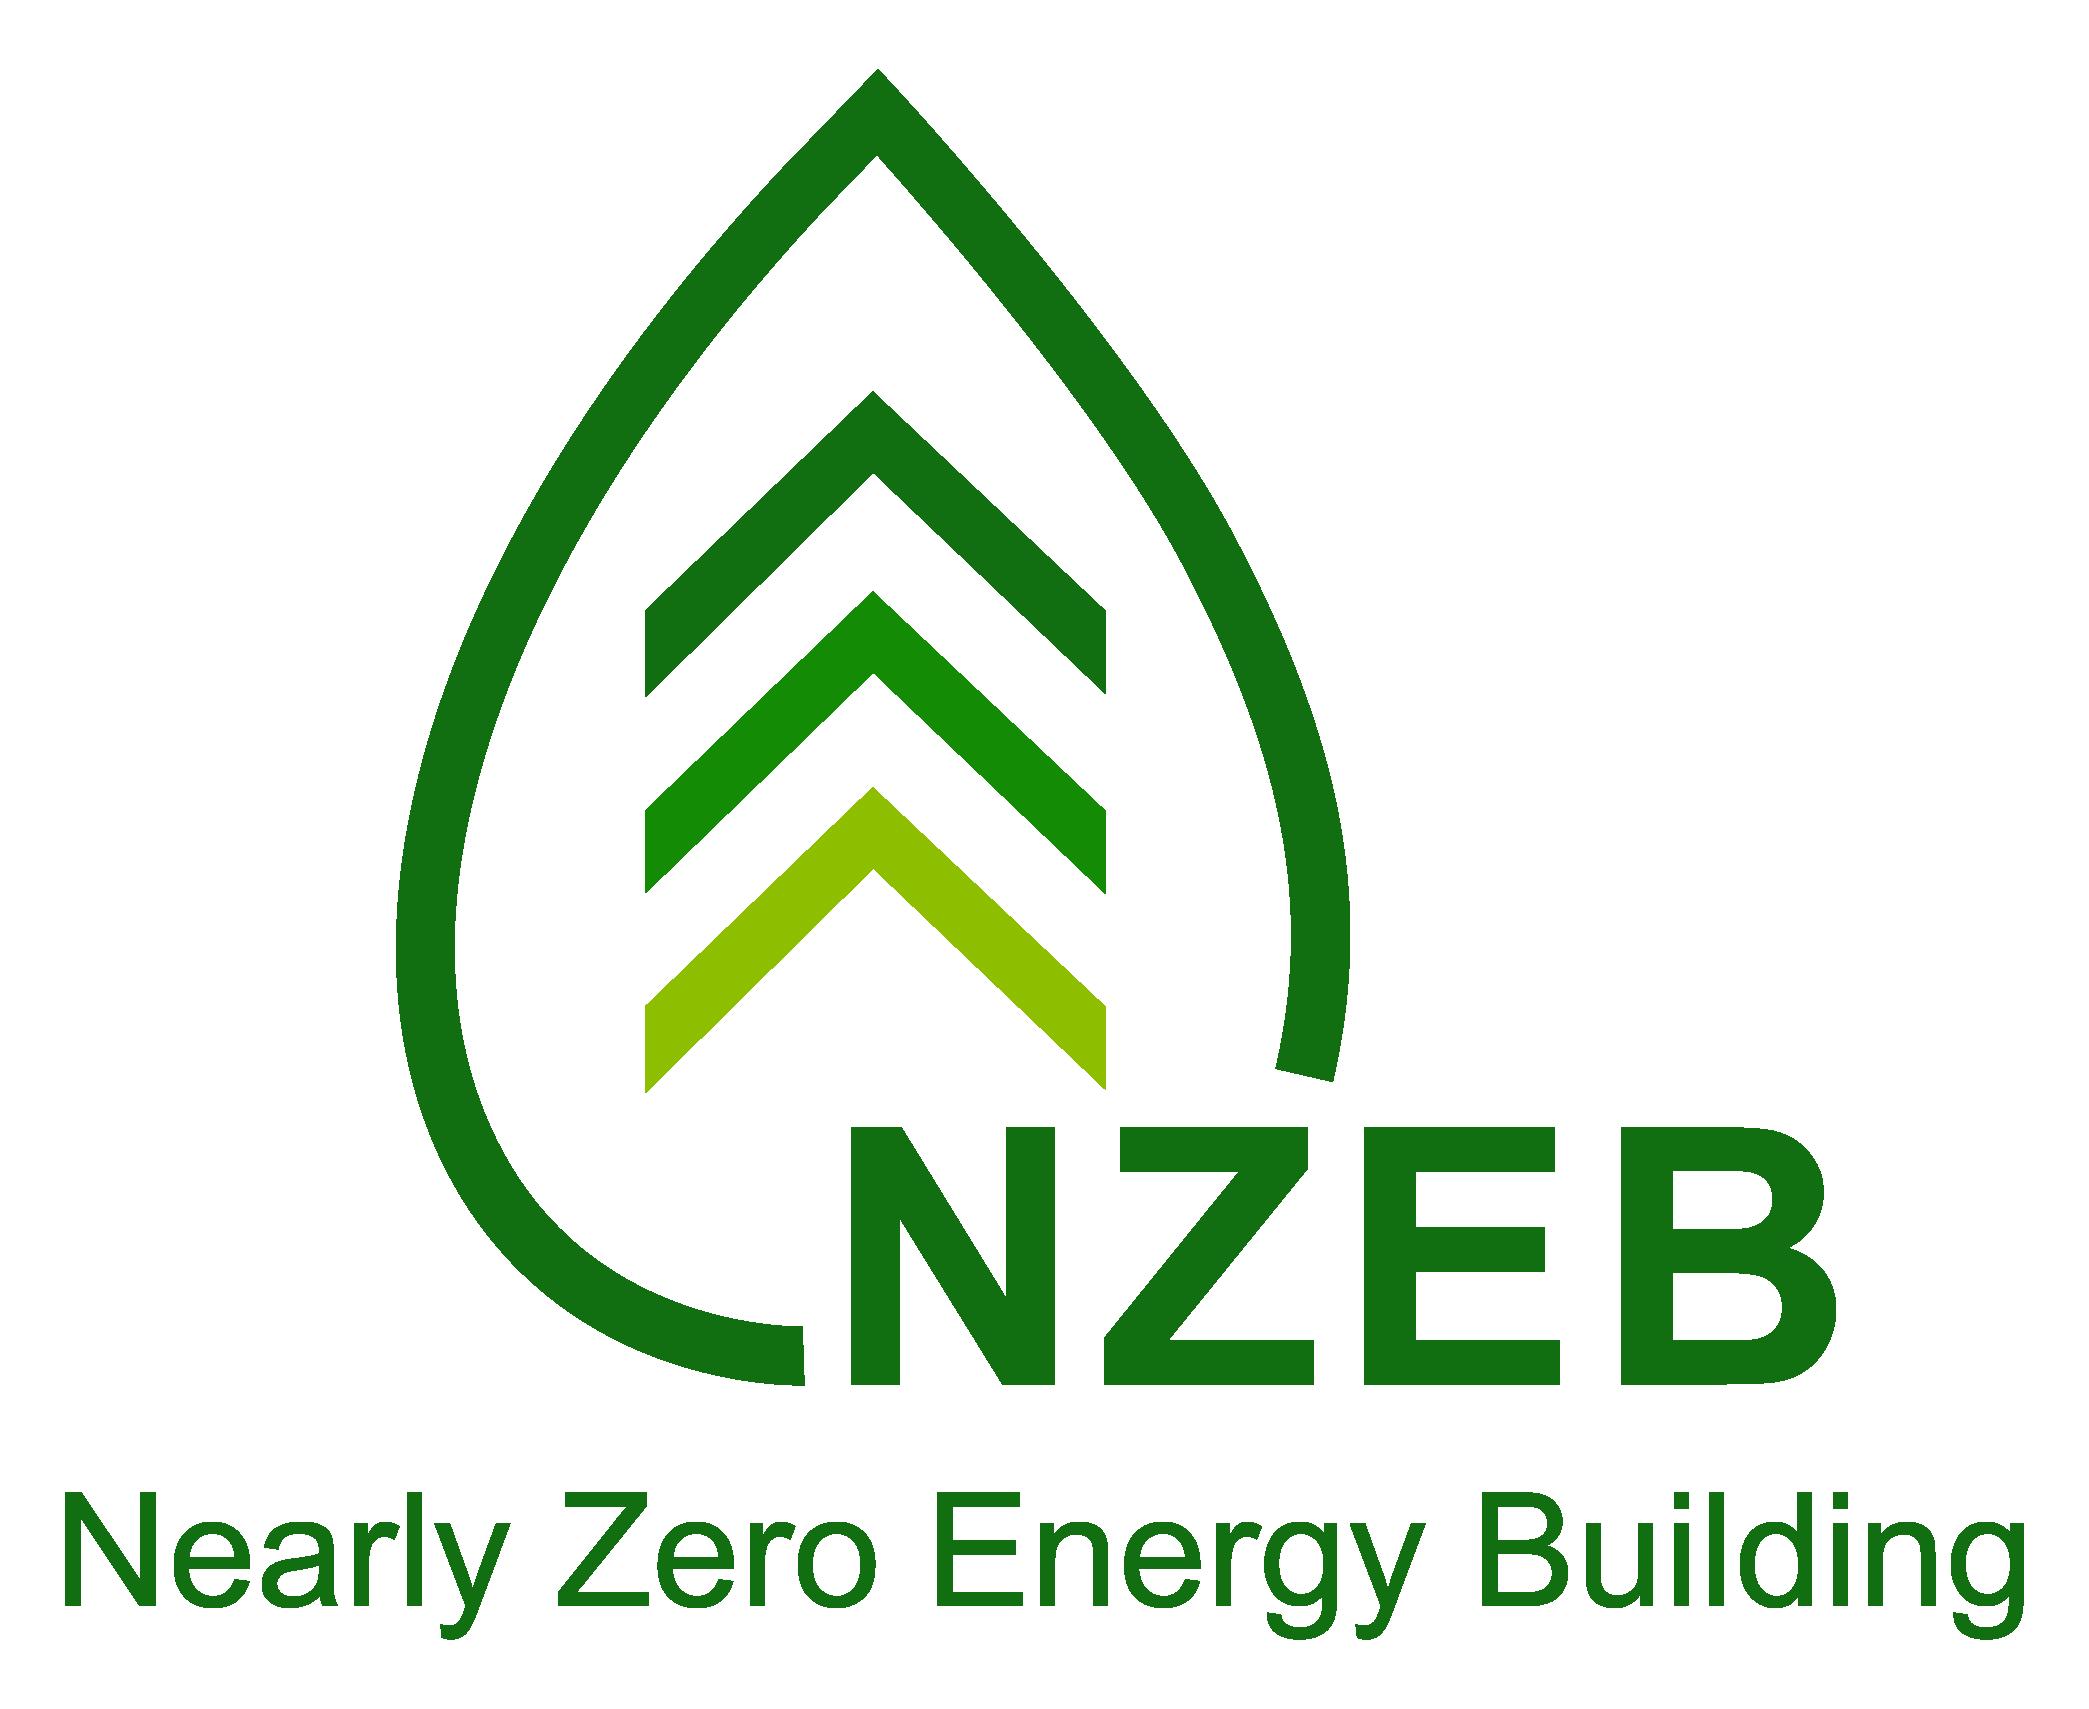 NZEB - EDIFICIO DE CONSUMO DE ENERGÍA CASI NULO